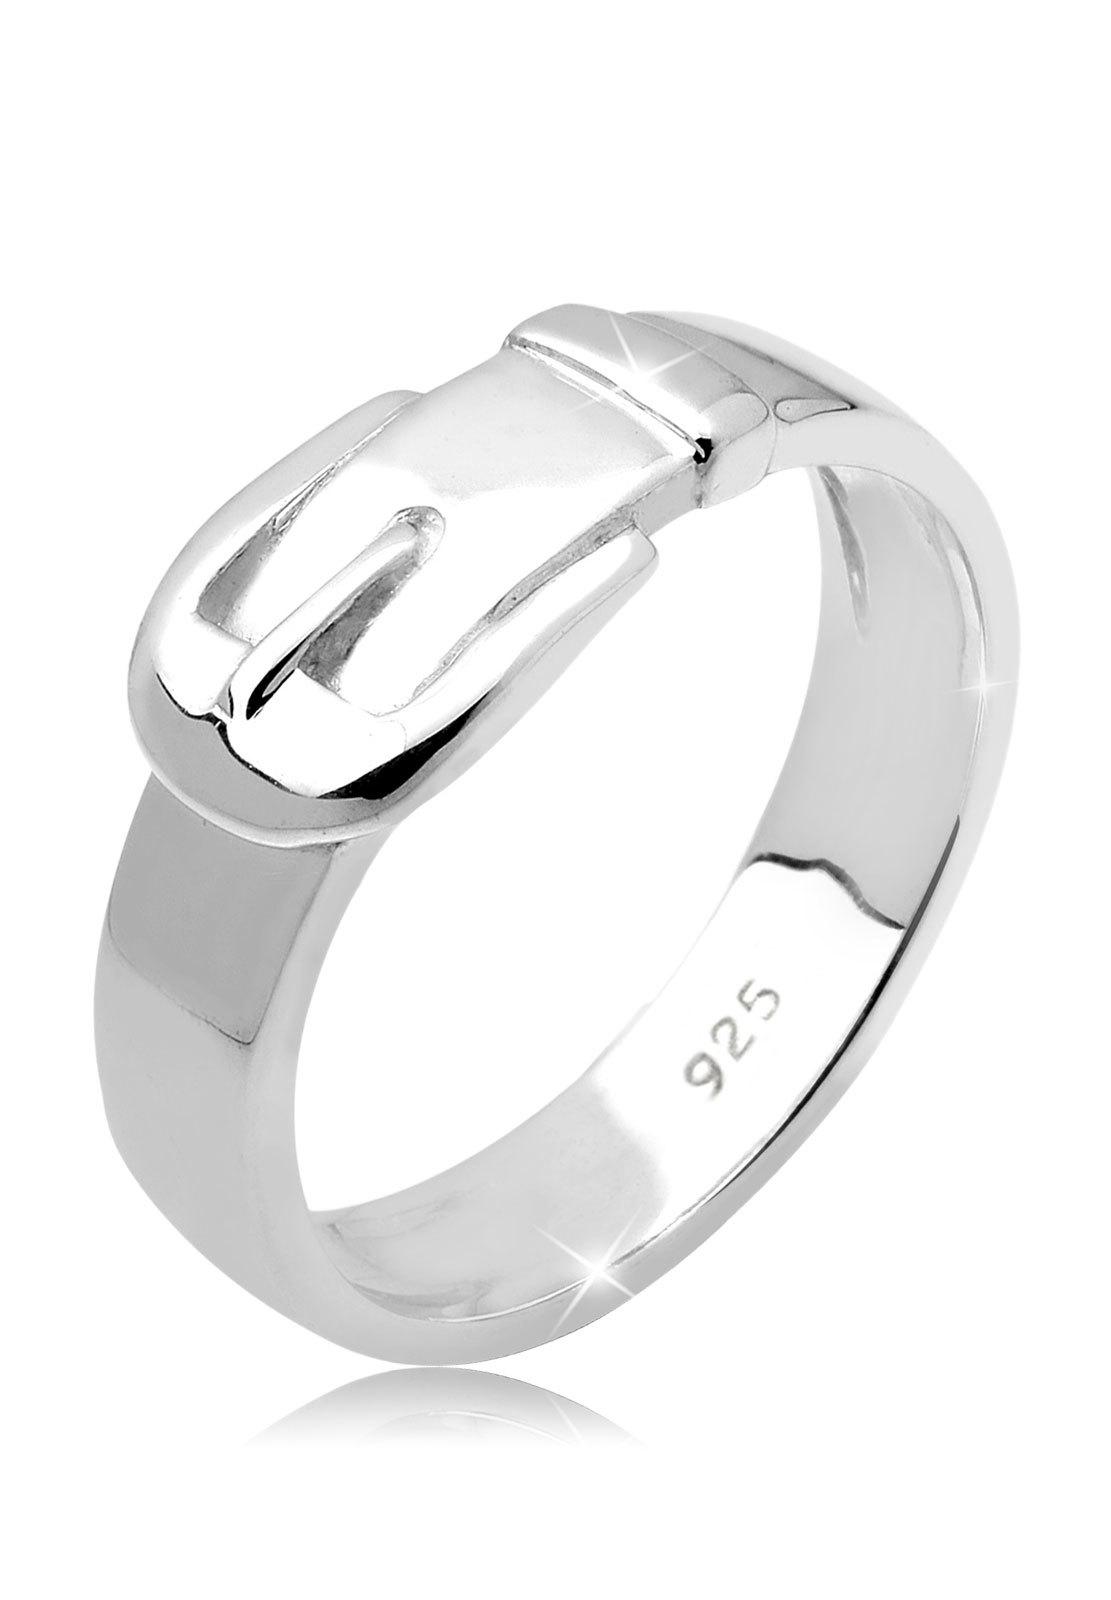 Ring Gürtel | 925er Sterling Silber